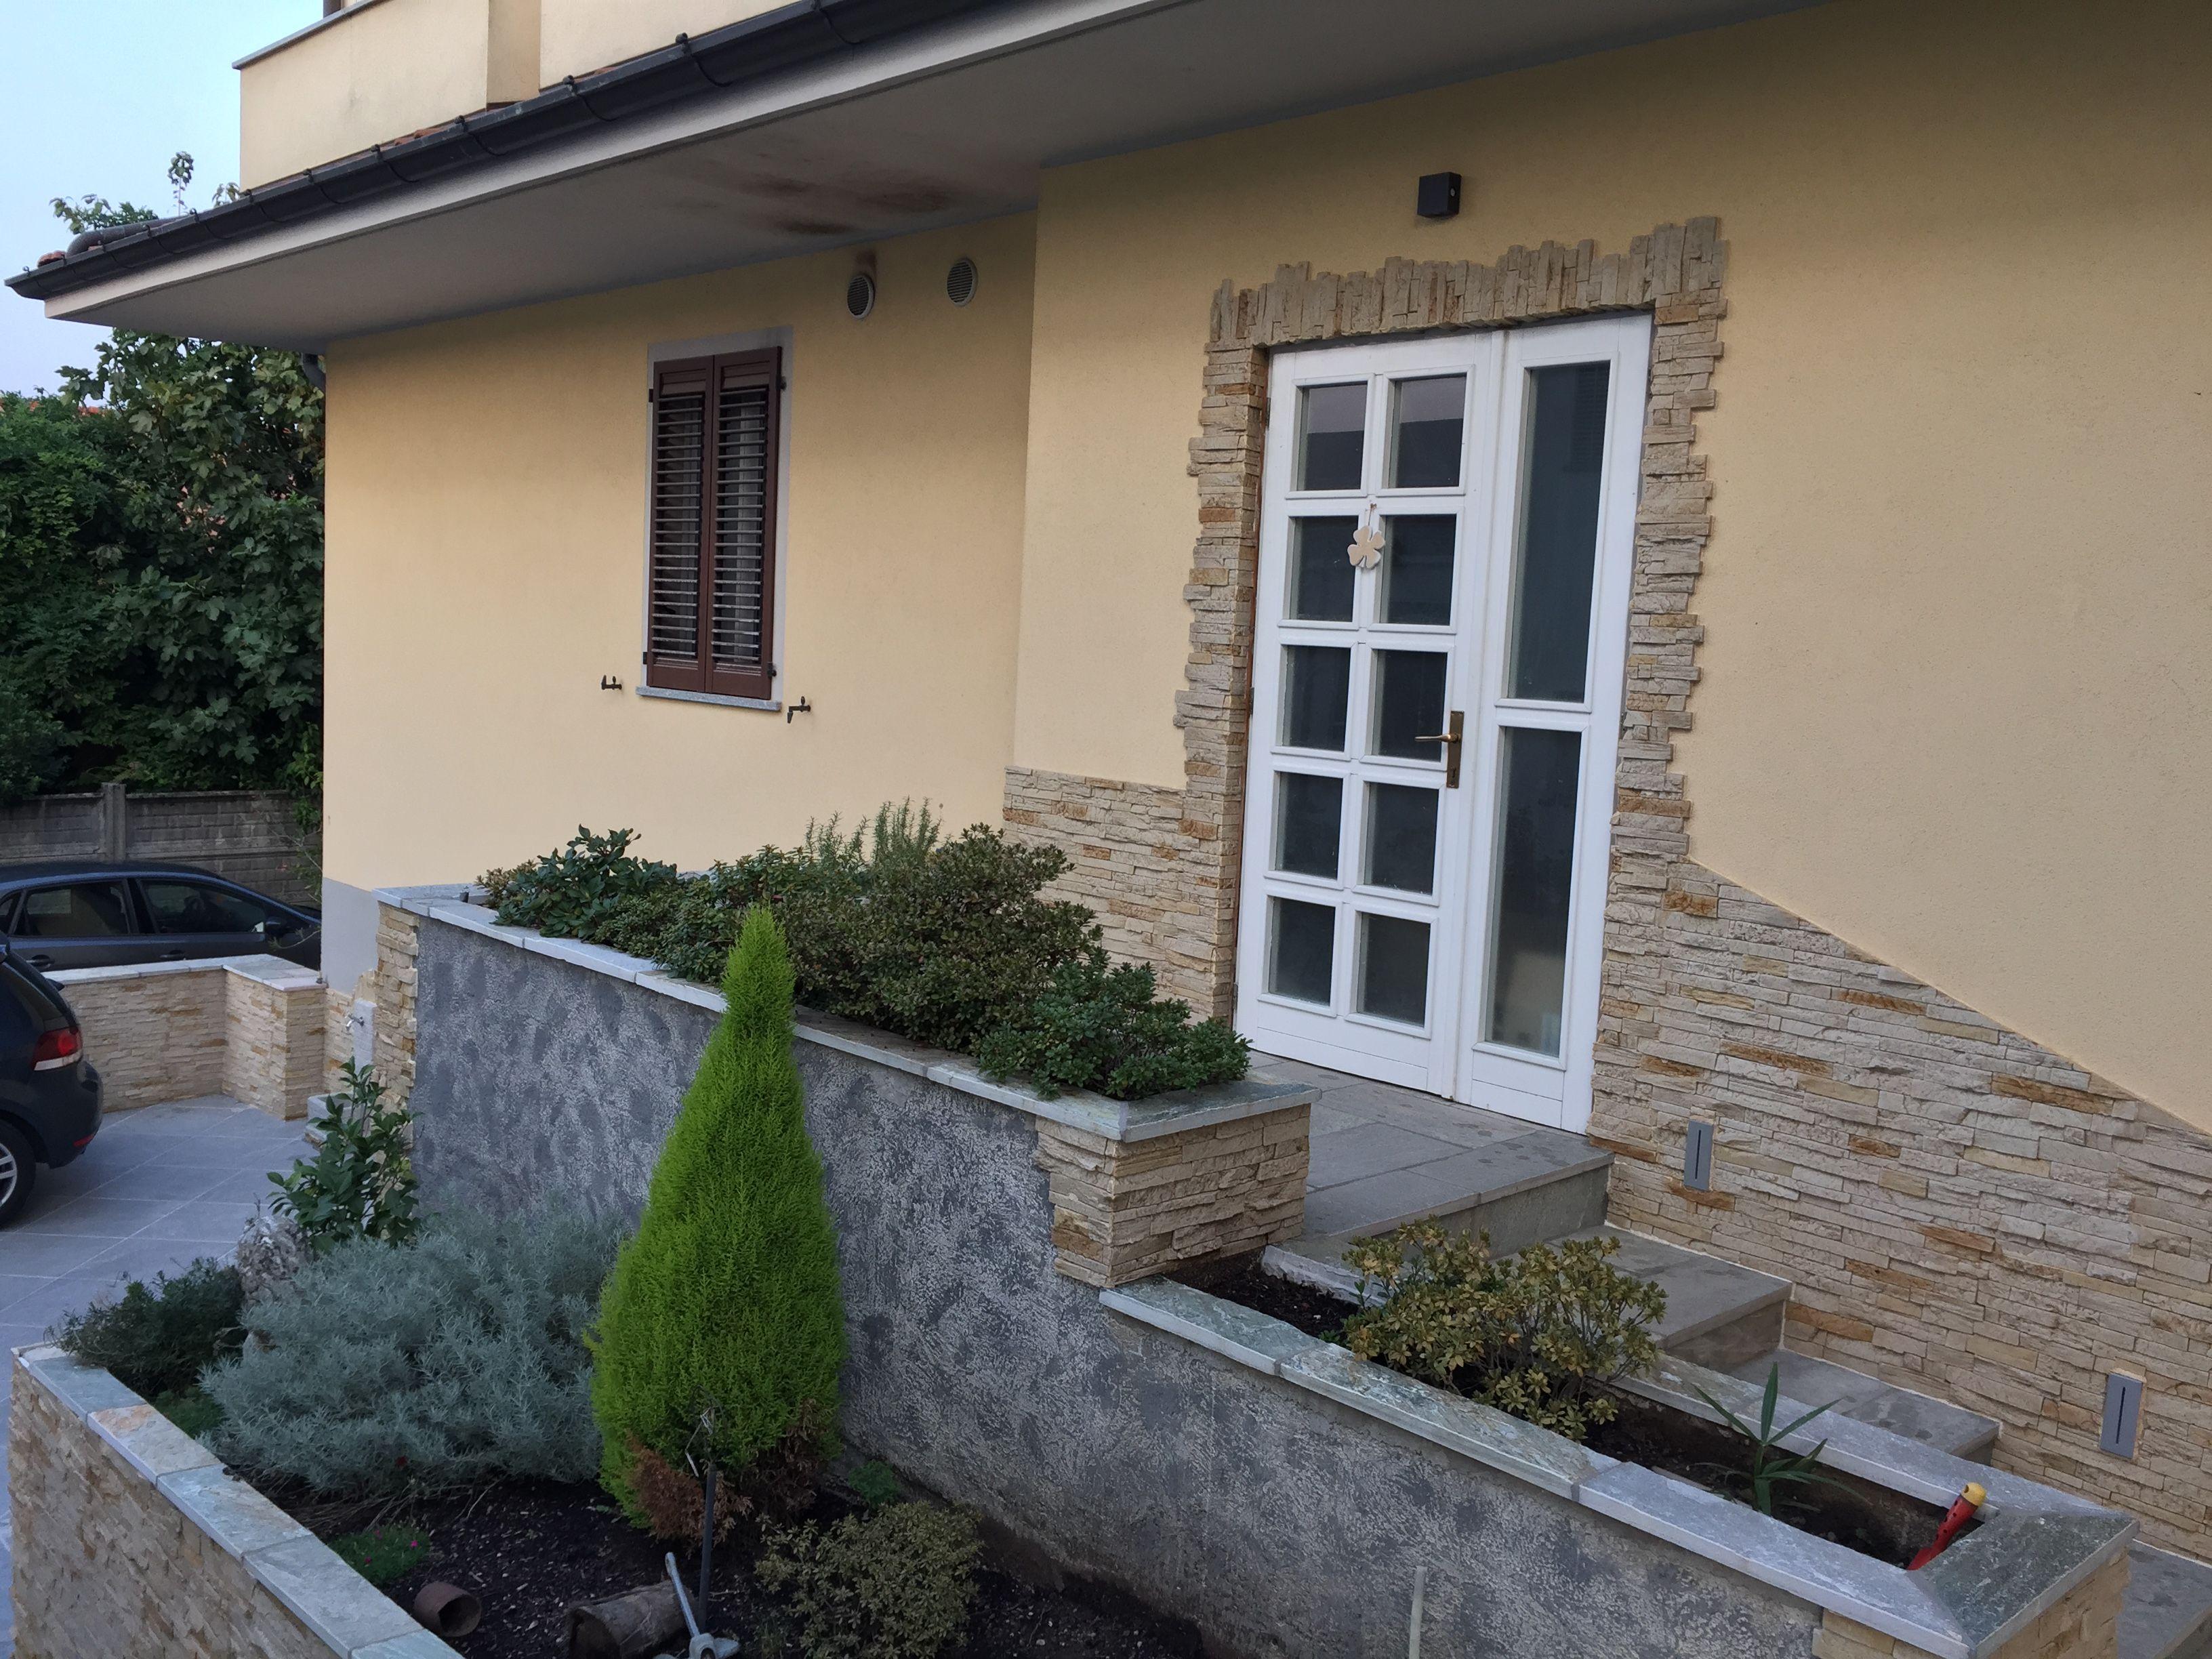 Ingresso Casa Esterno In Pietra zoccolatura impermeabile in pietra per proteggere il muro